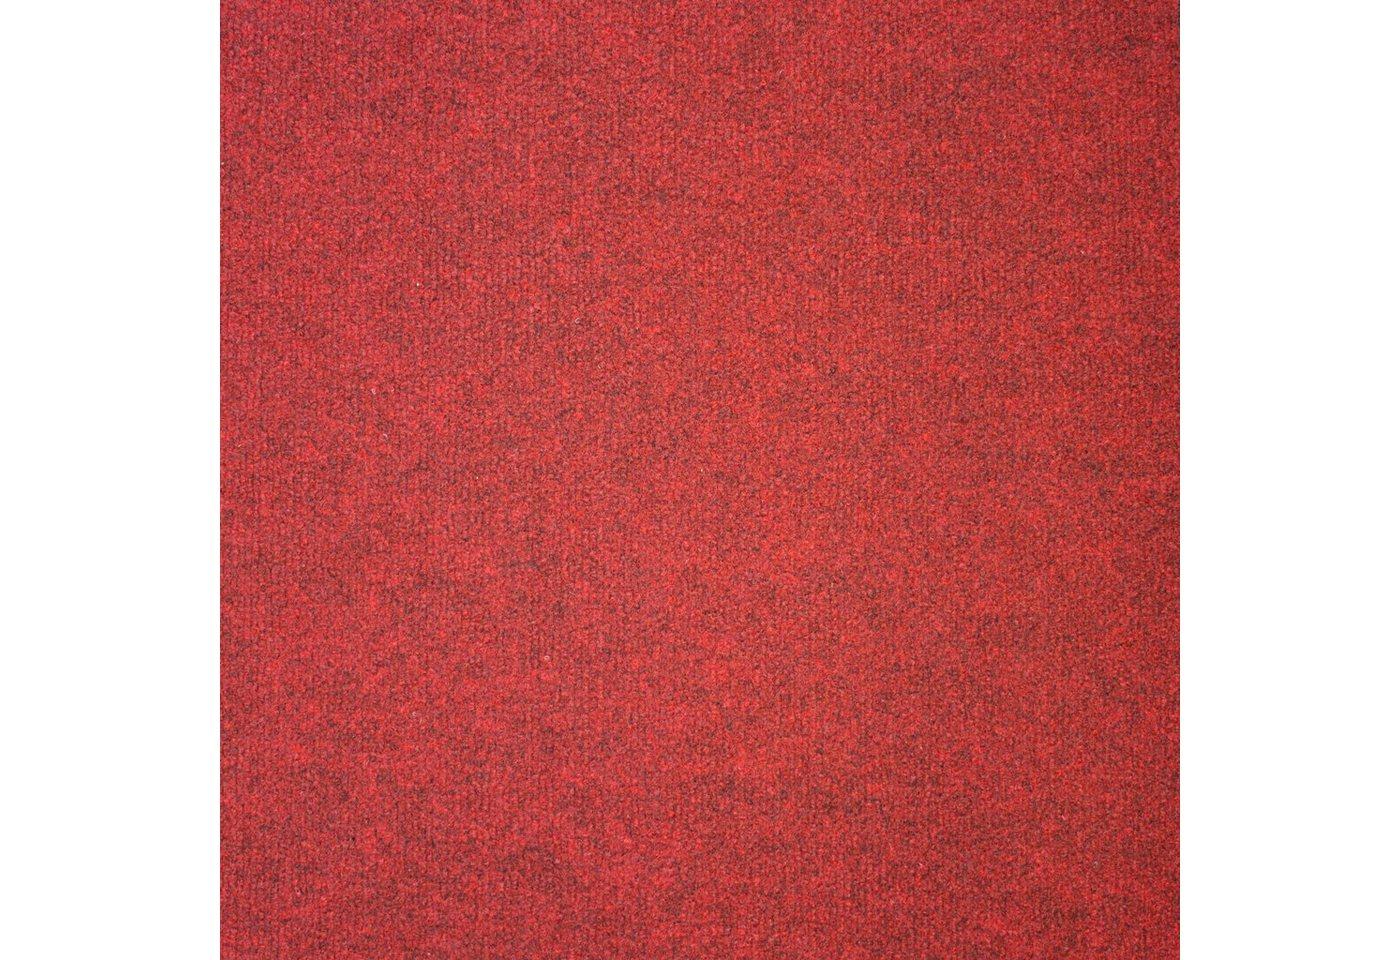 Teppichfliese »Madison rot«, 20 Stück (5 m²), selbstliegend | Heimtextilien > Teppiche > Sonstige-Teppiche | Rot | OTTO